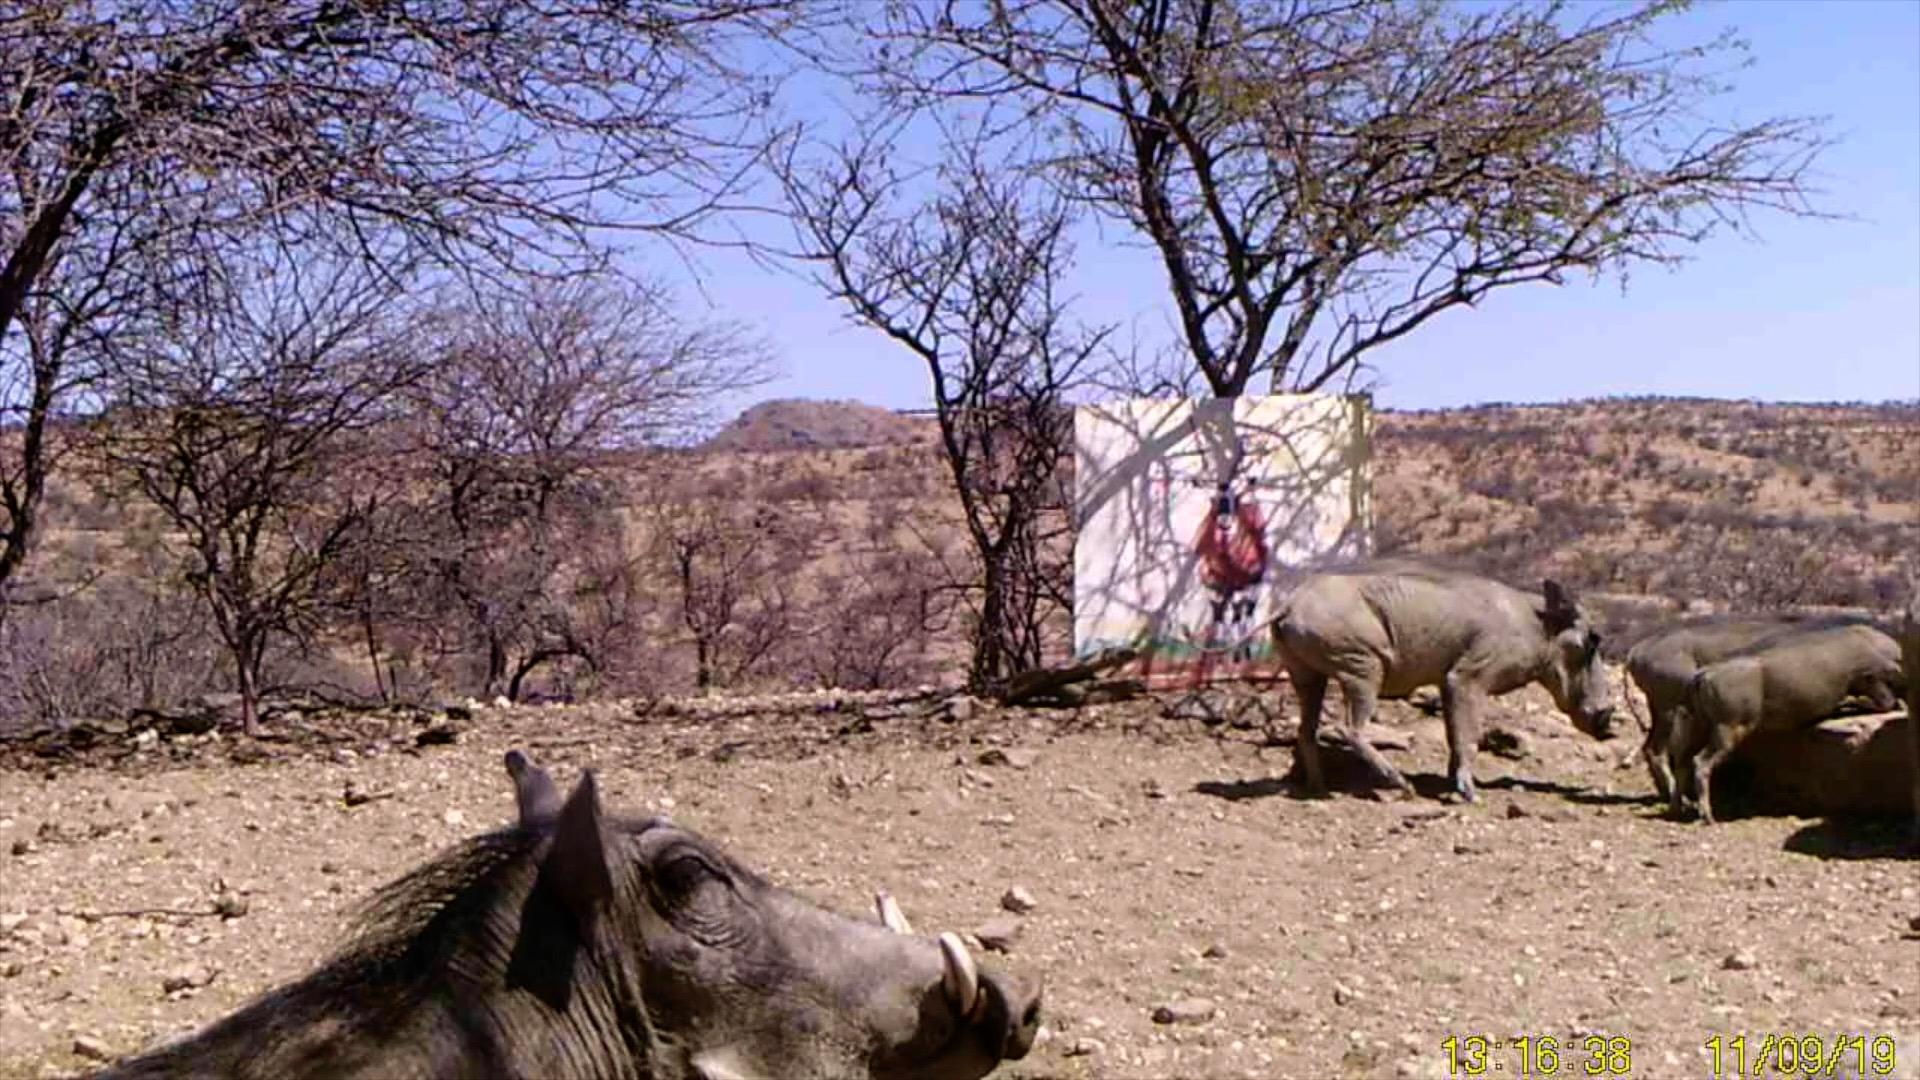 Filmstill SUPERWILDVISION Namibia 2019, Afrika, Kunstprojekt von Irene Mueller, Warzenschweine mit Gemaelde